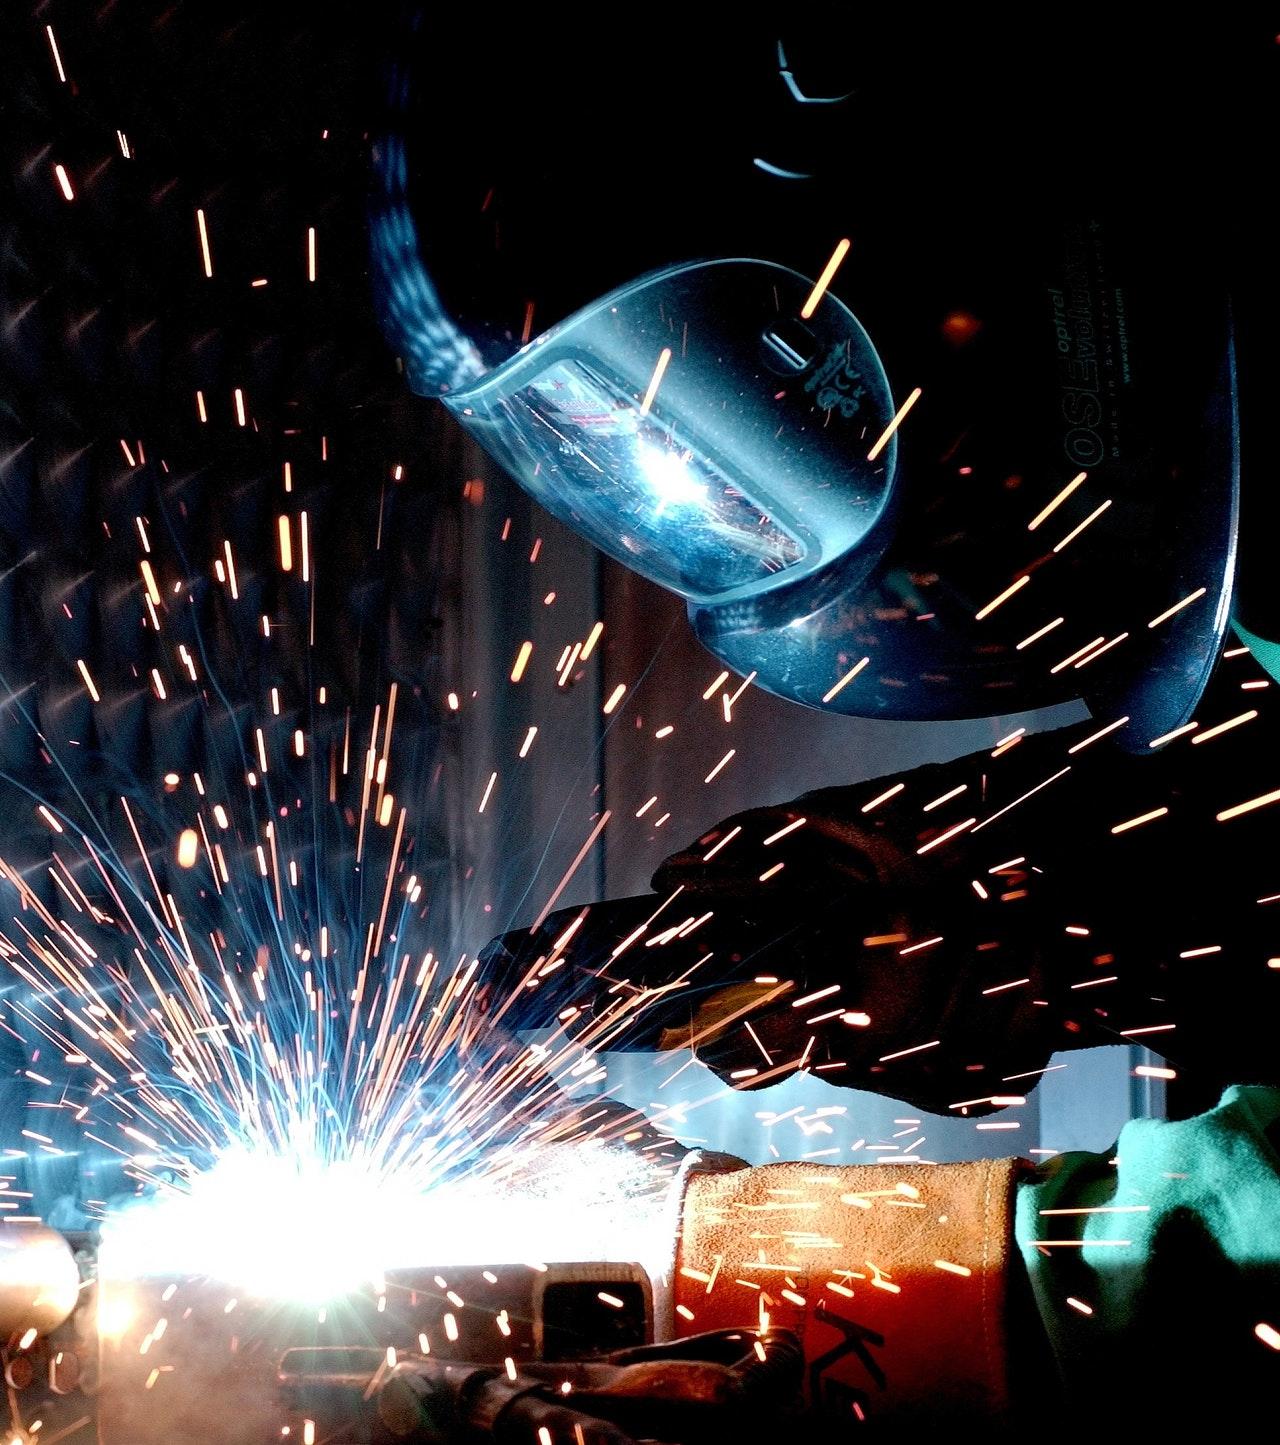 construction-factory-industrial-73833 svetsning